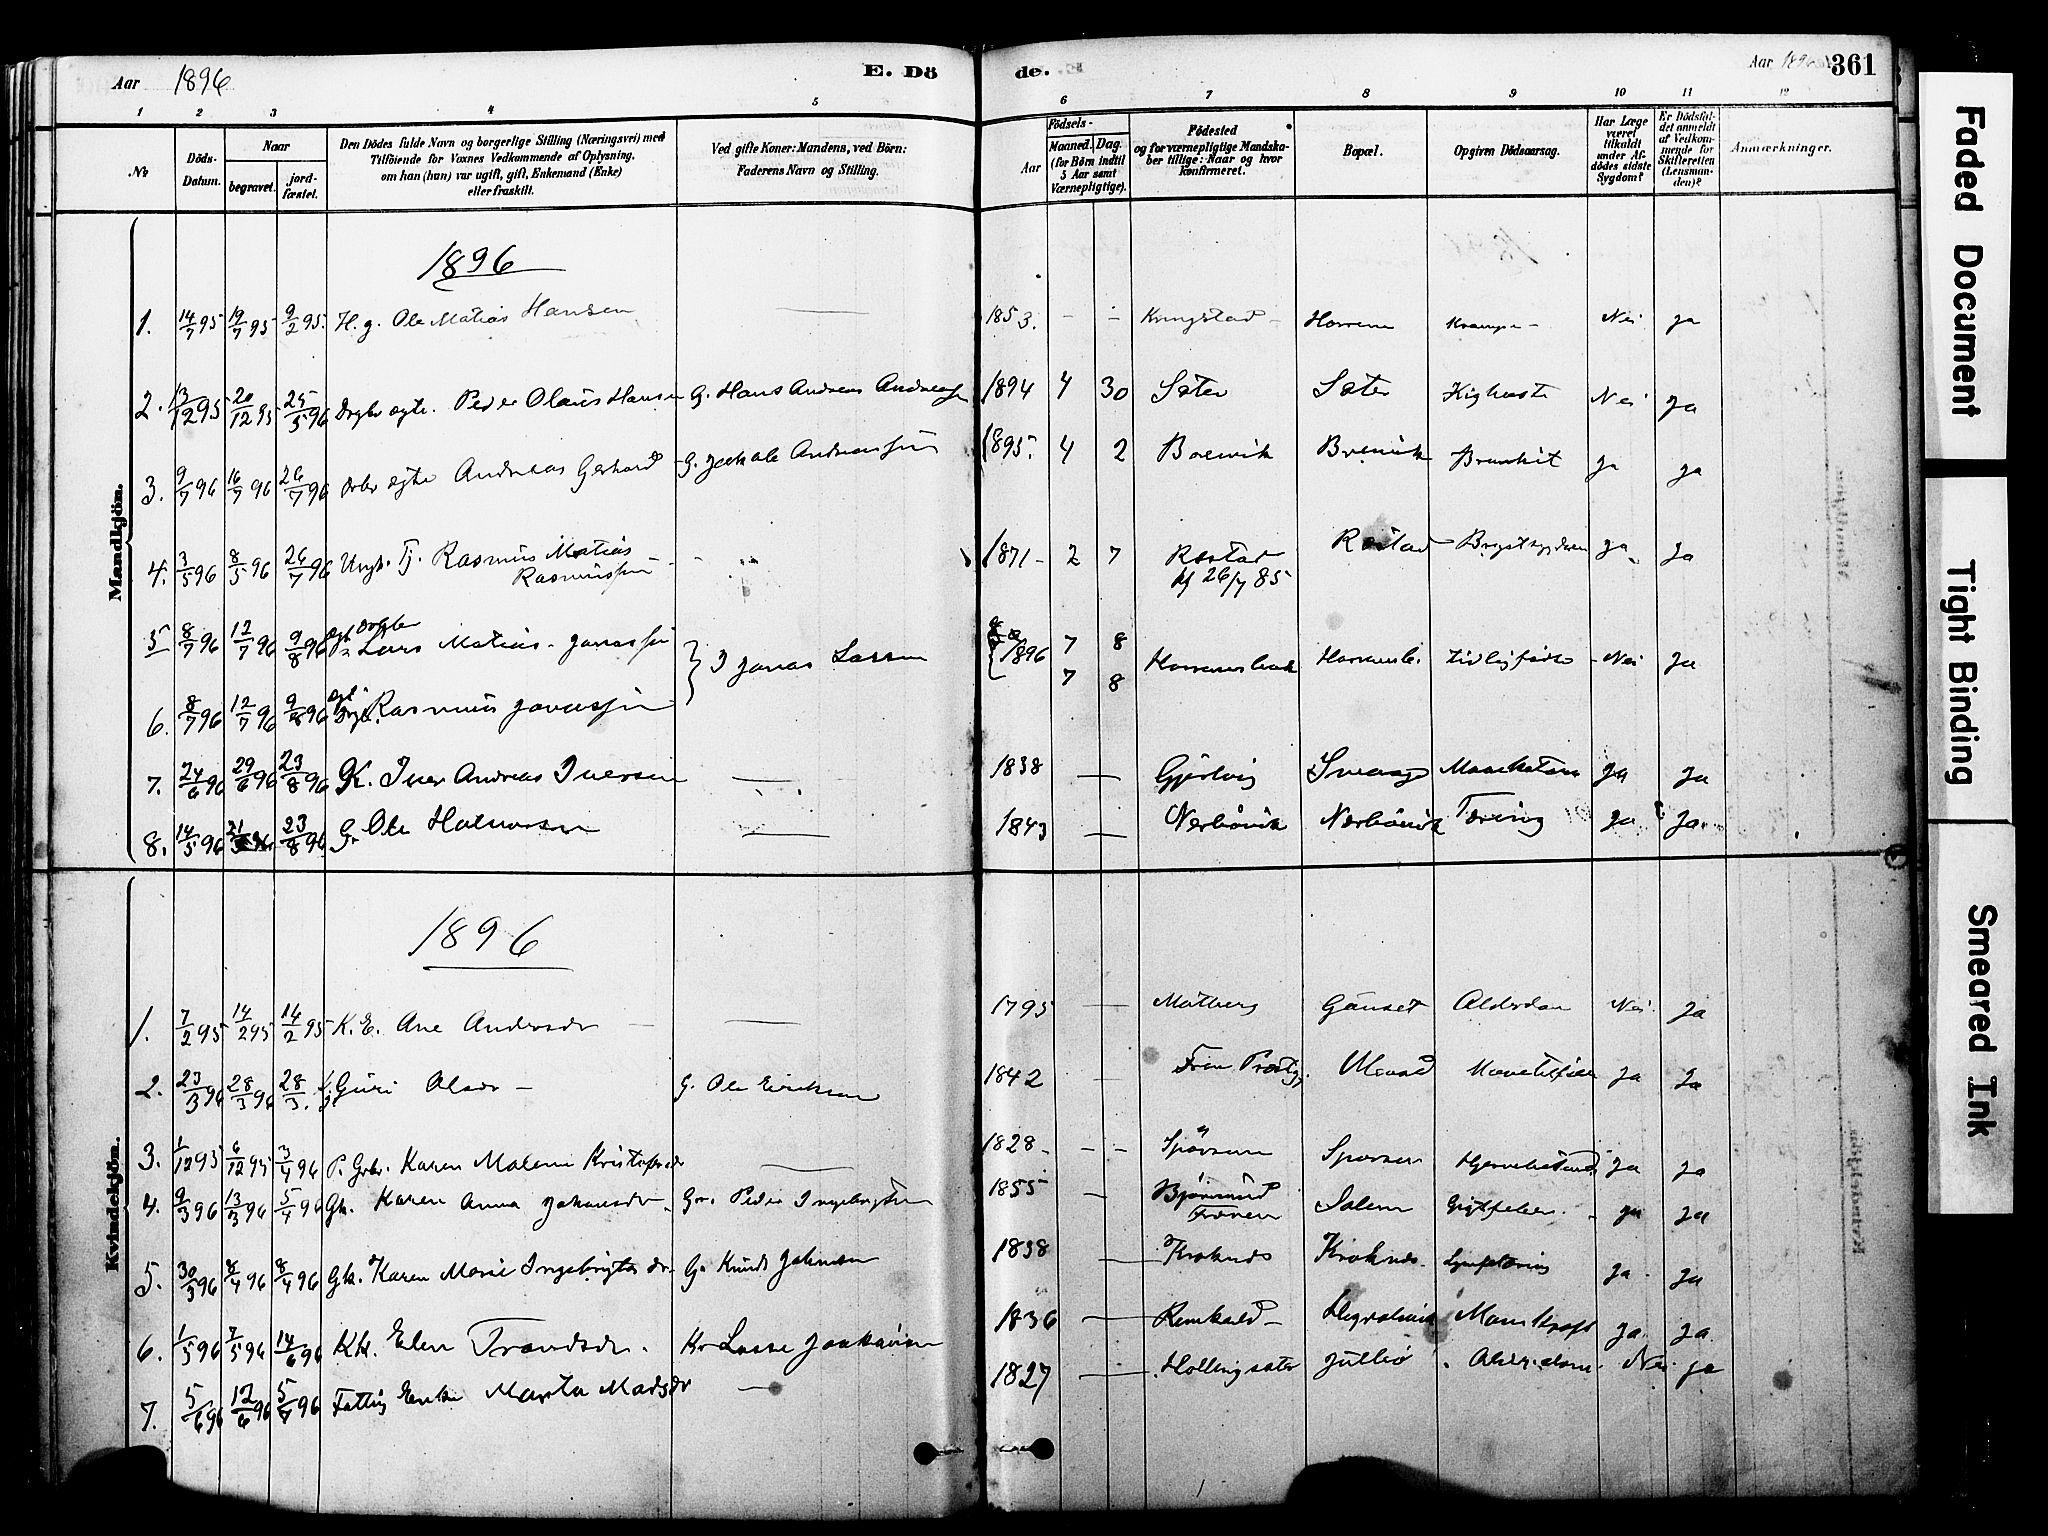 SAT, Ministerialprotokoller, klokkerbøker og fødselsregistre - Møre og Romsdal, 560/L0721: Ministerialbok nr. 560A05, 1878-1917, s. 361